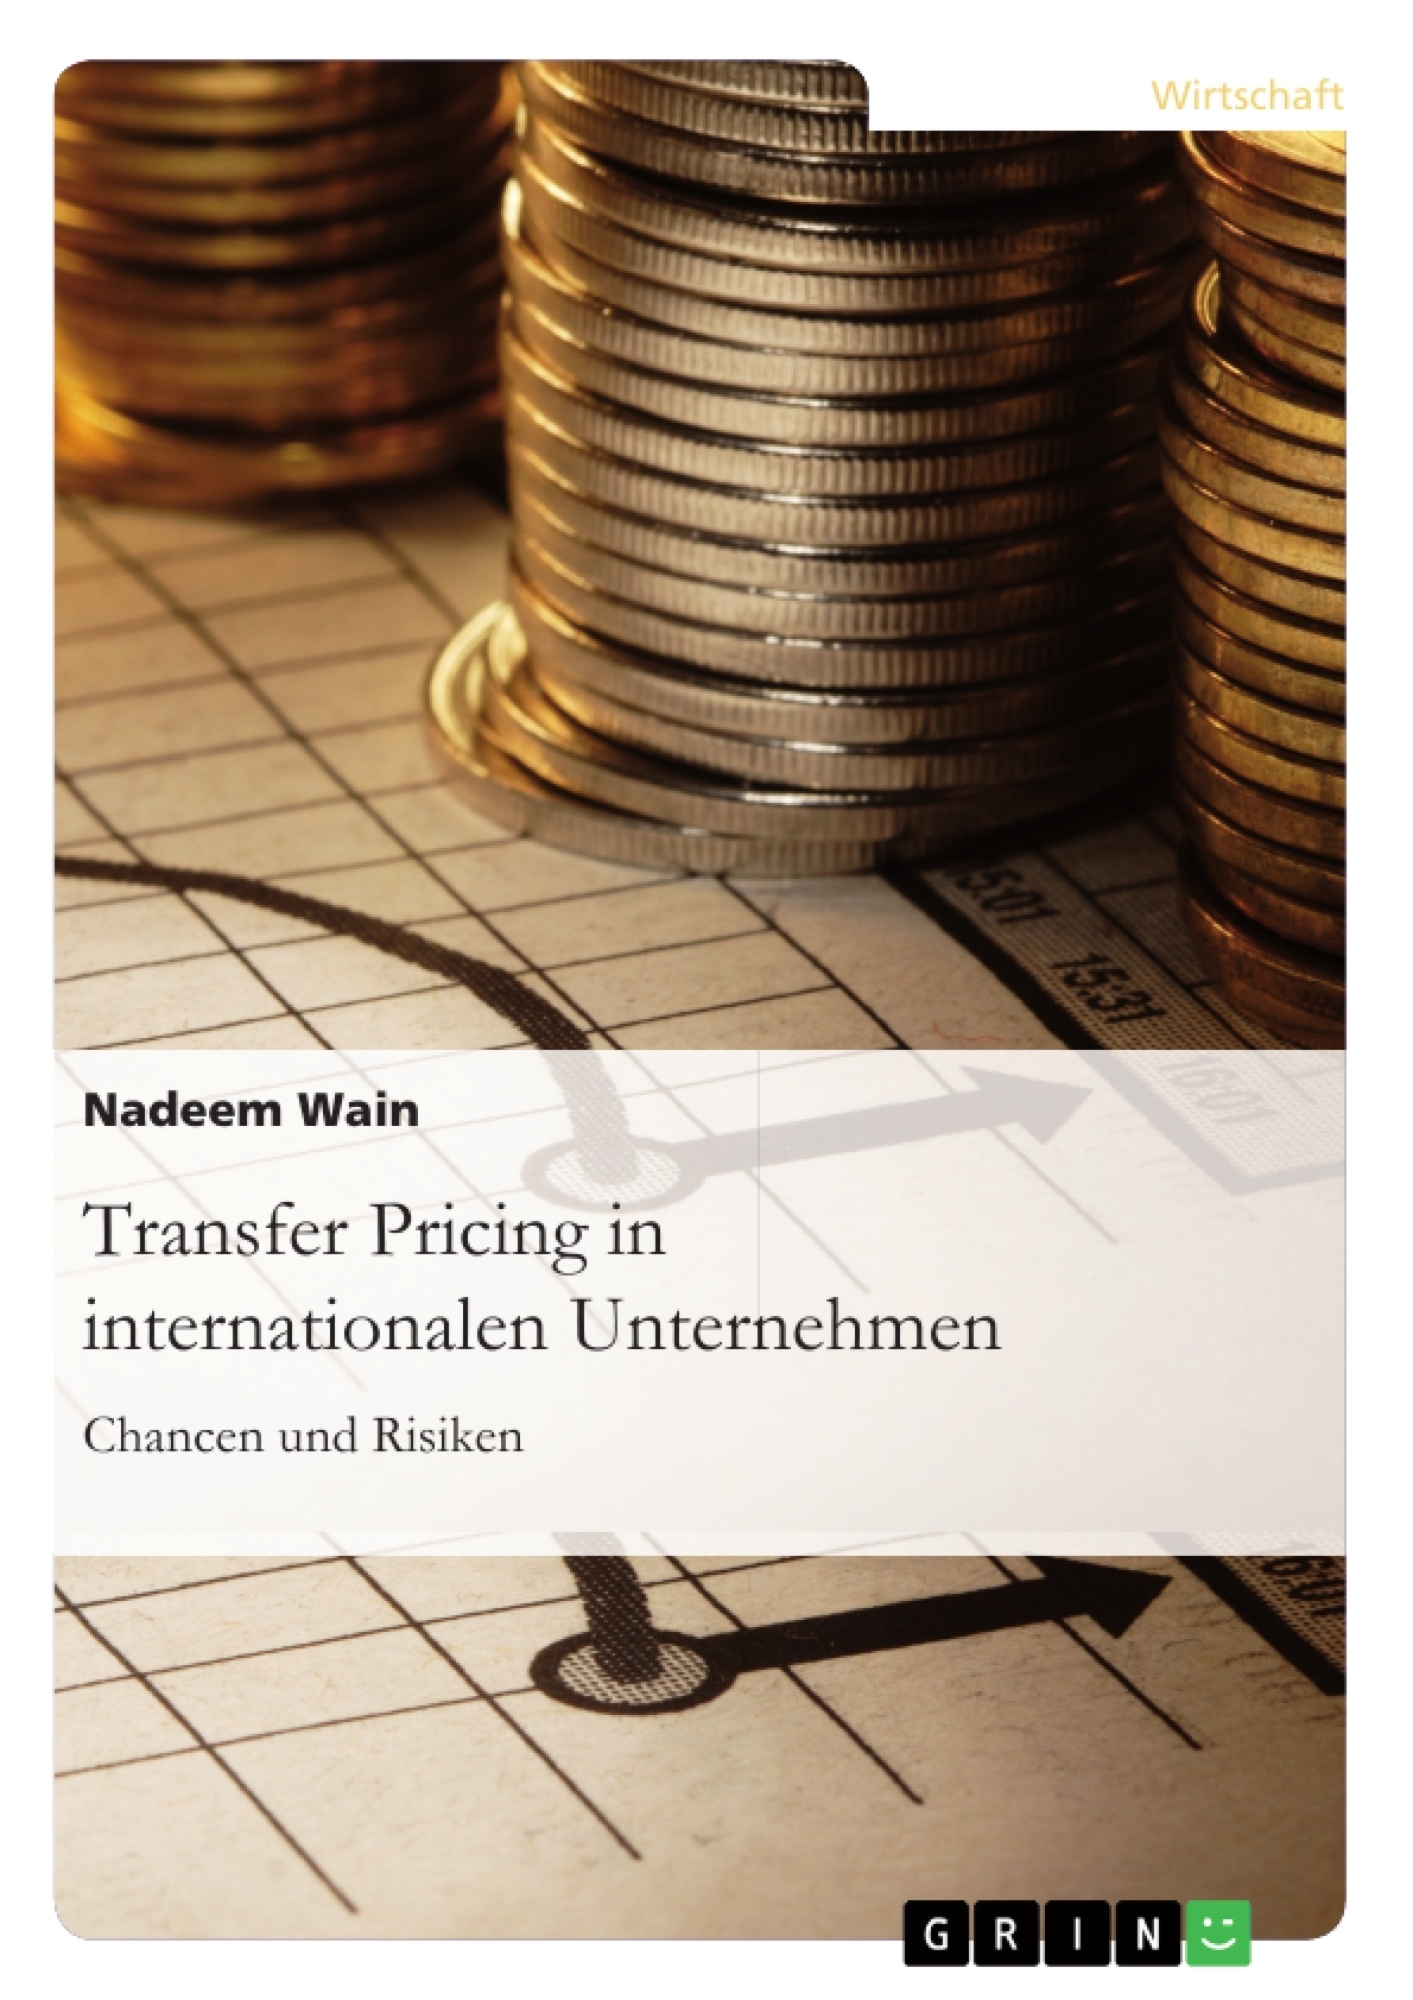 Titel: Transfer Pricing in internationalen Unternehmen. Chancen und Risiken